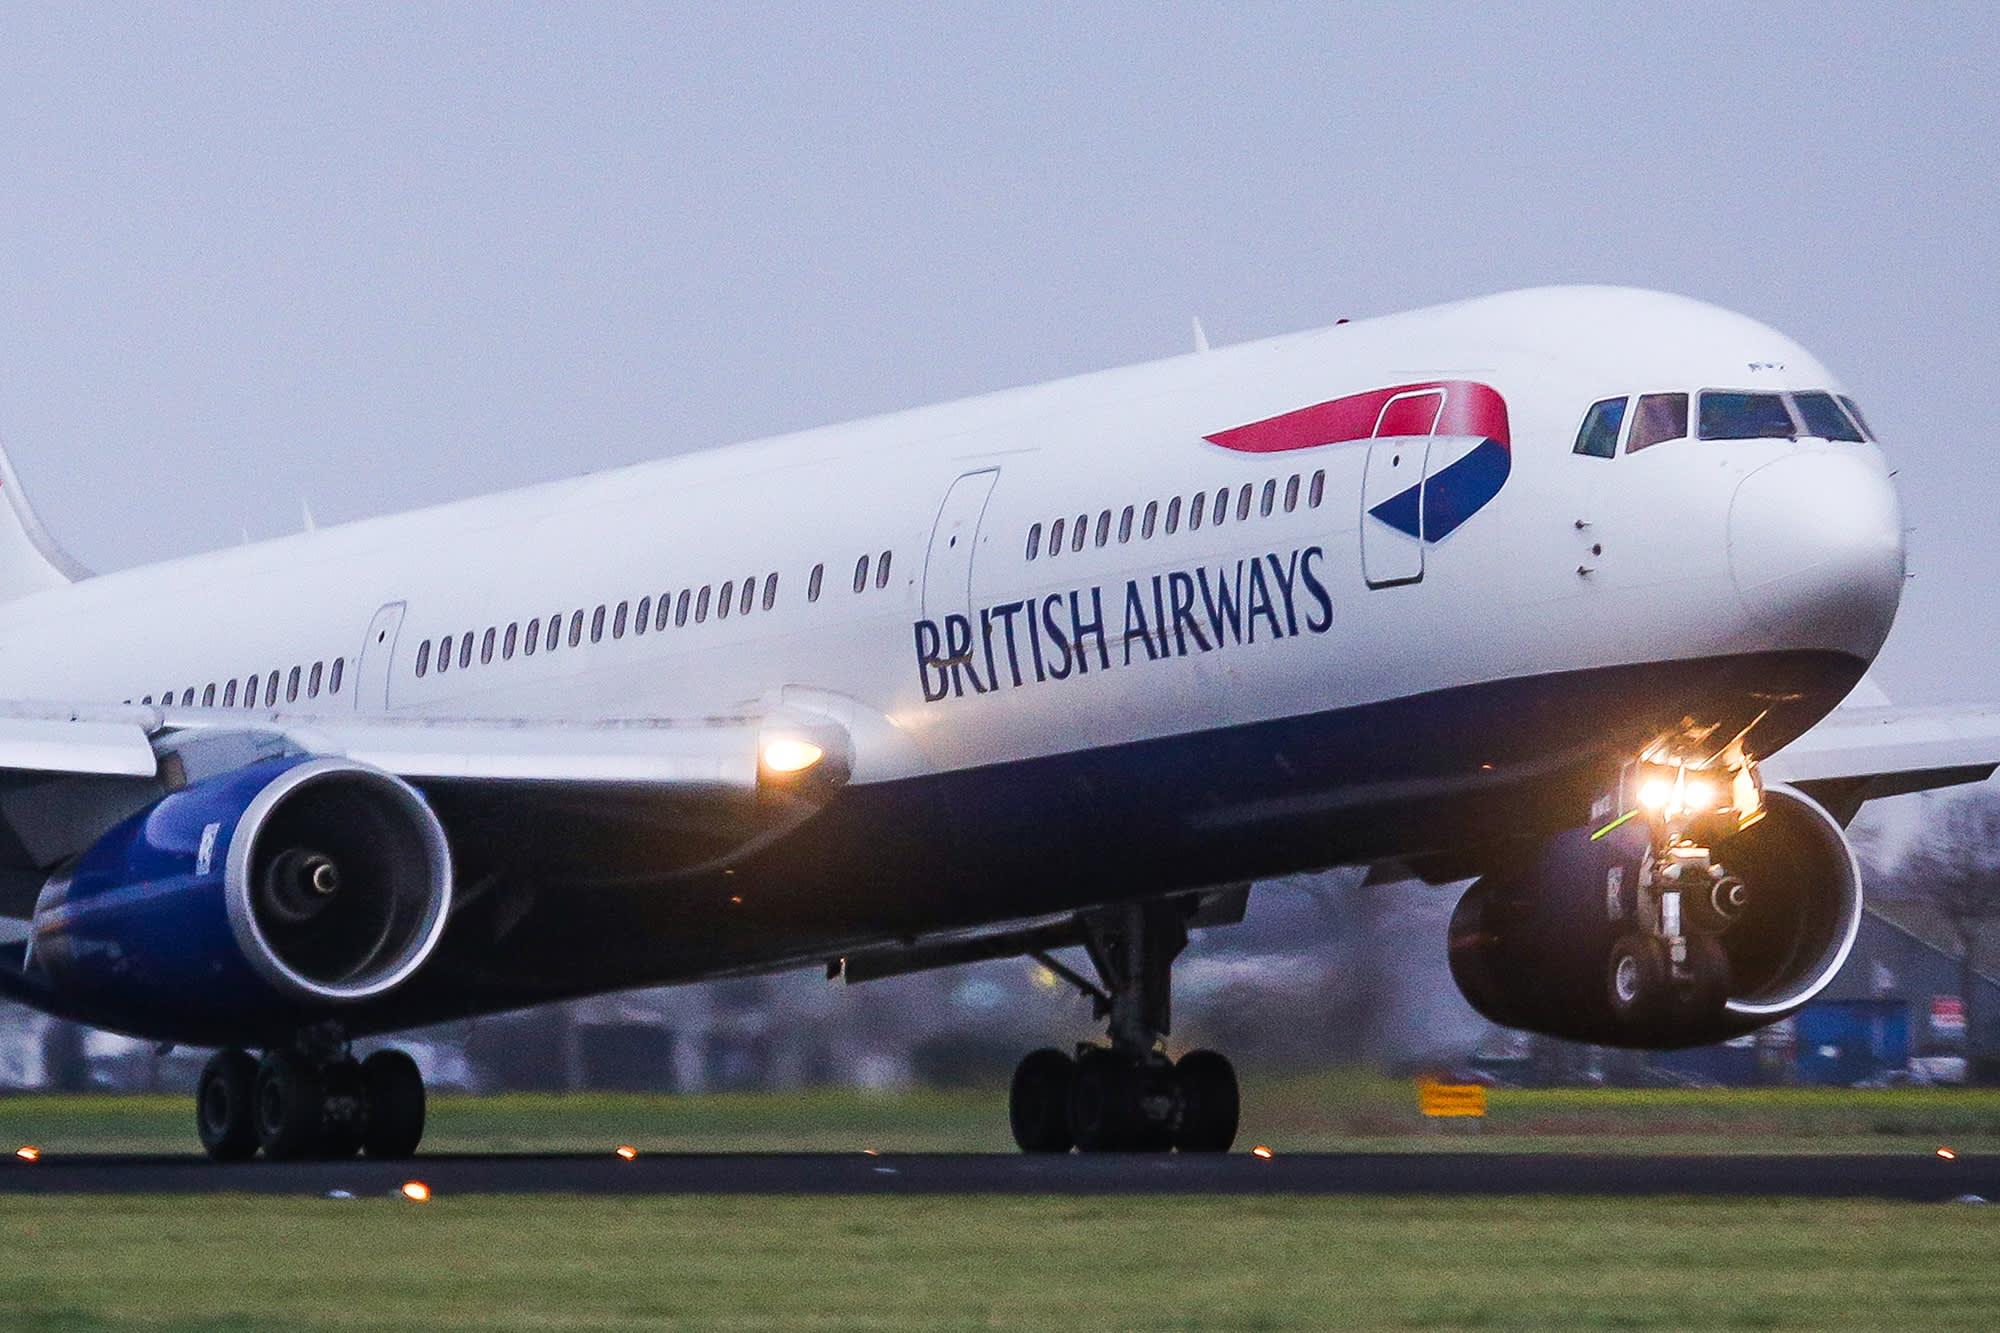 British Airways investigating customer data breach